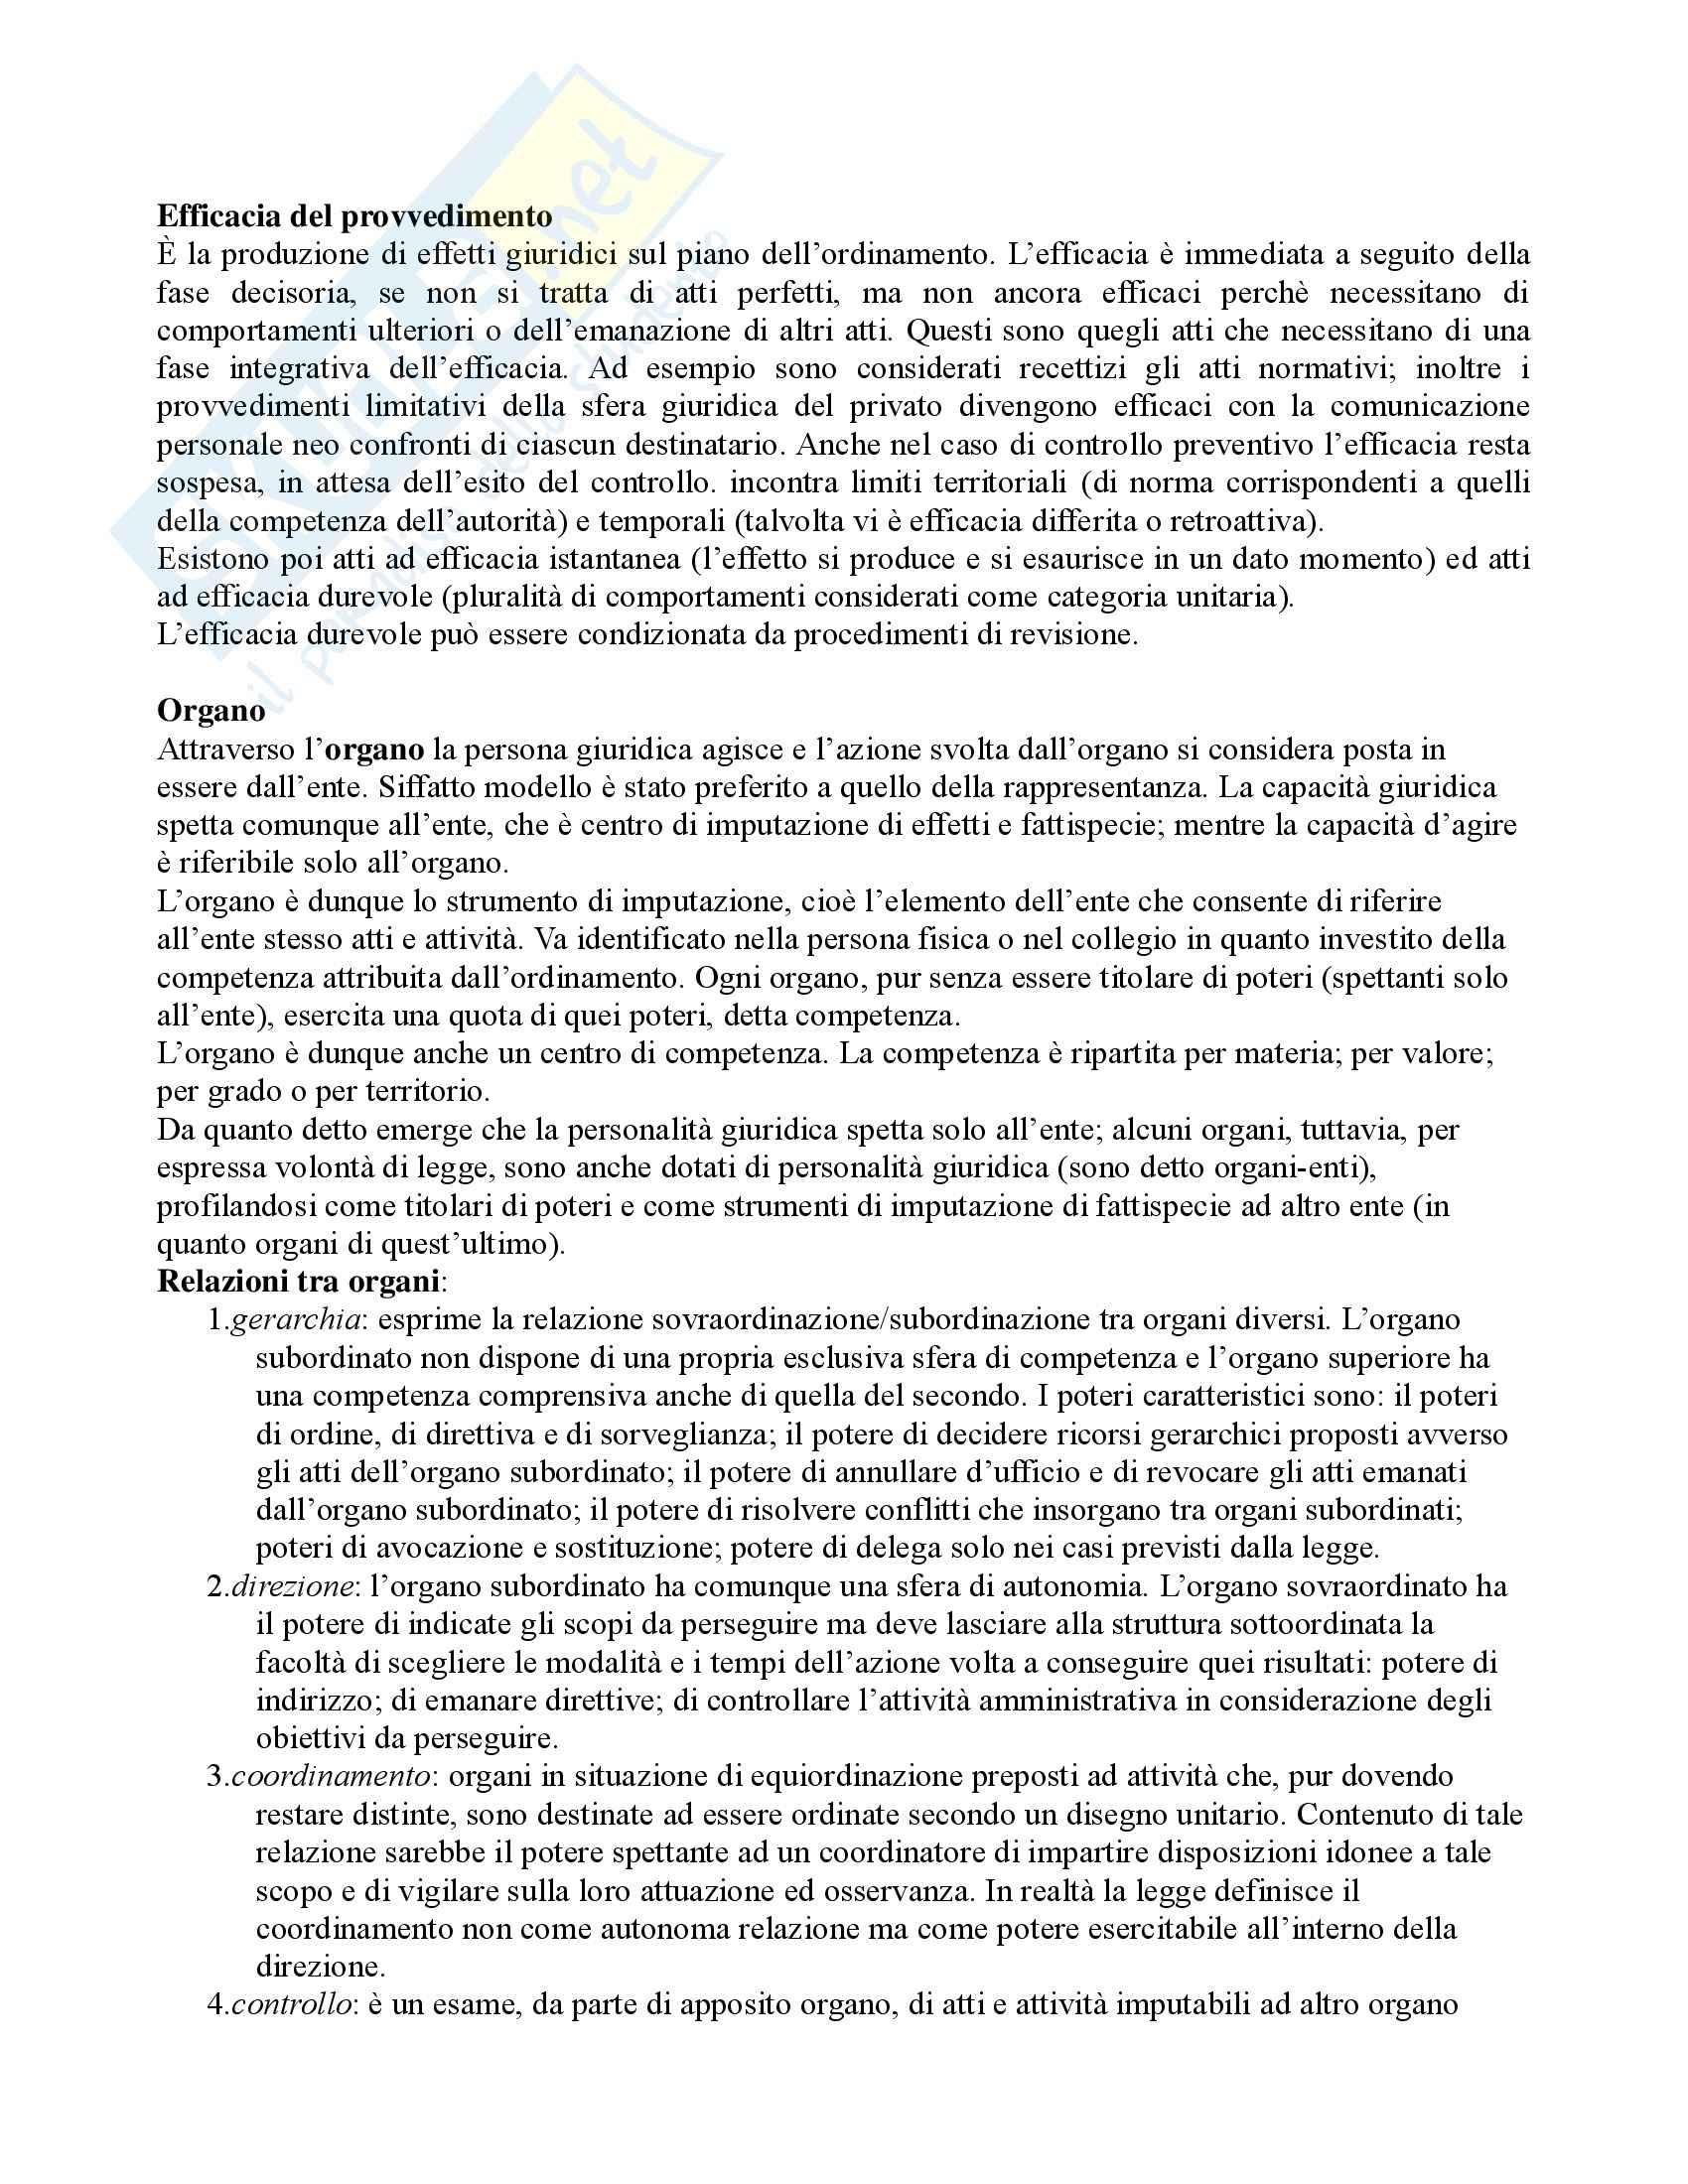 Diritto amministrativo - Domande e risposte